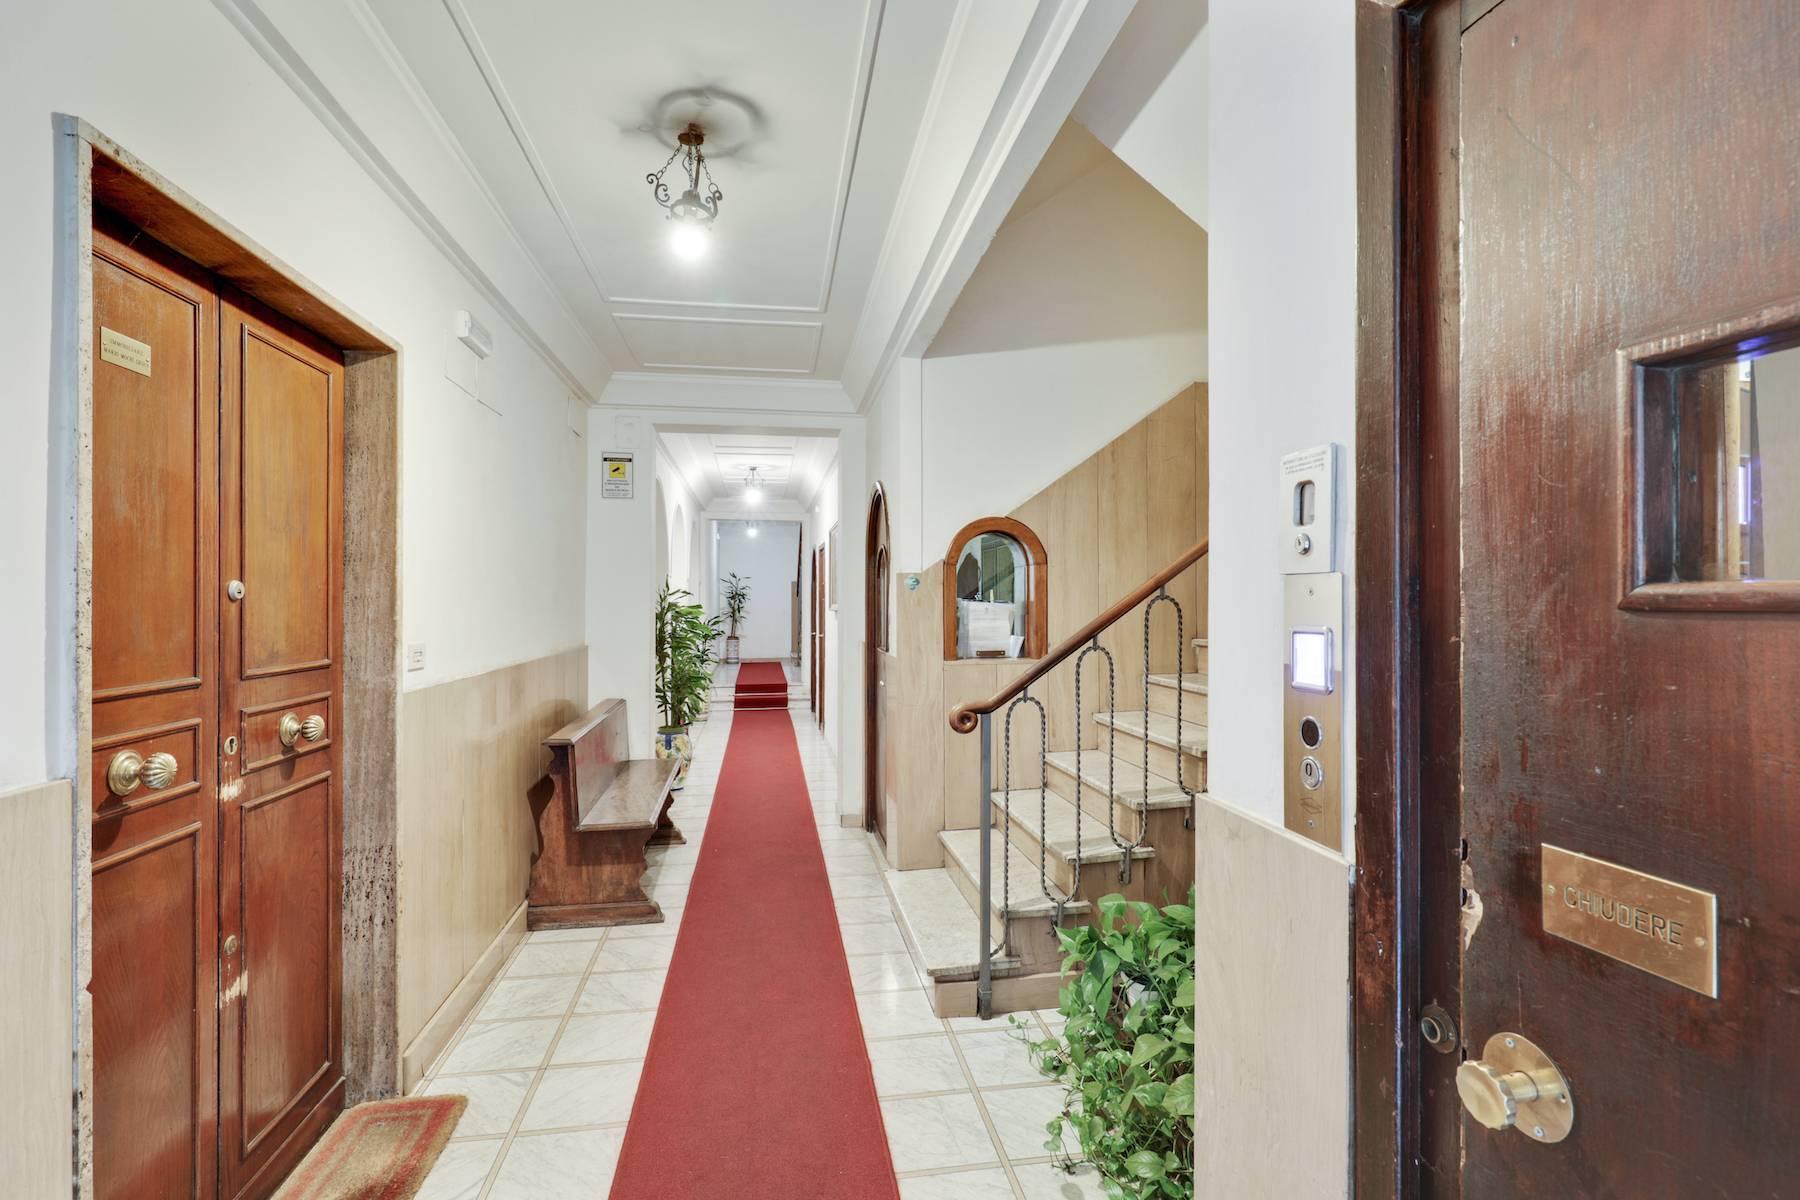 Appartamento in Vendita a Firenze: 5 locali, 140 mq - Foto 5